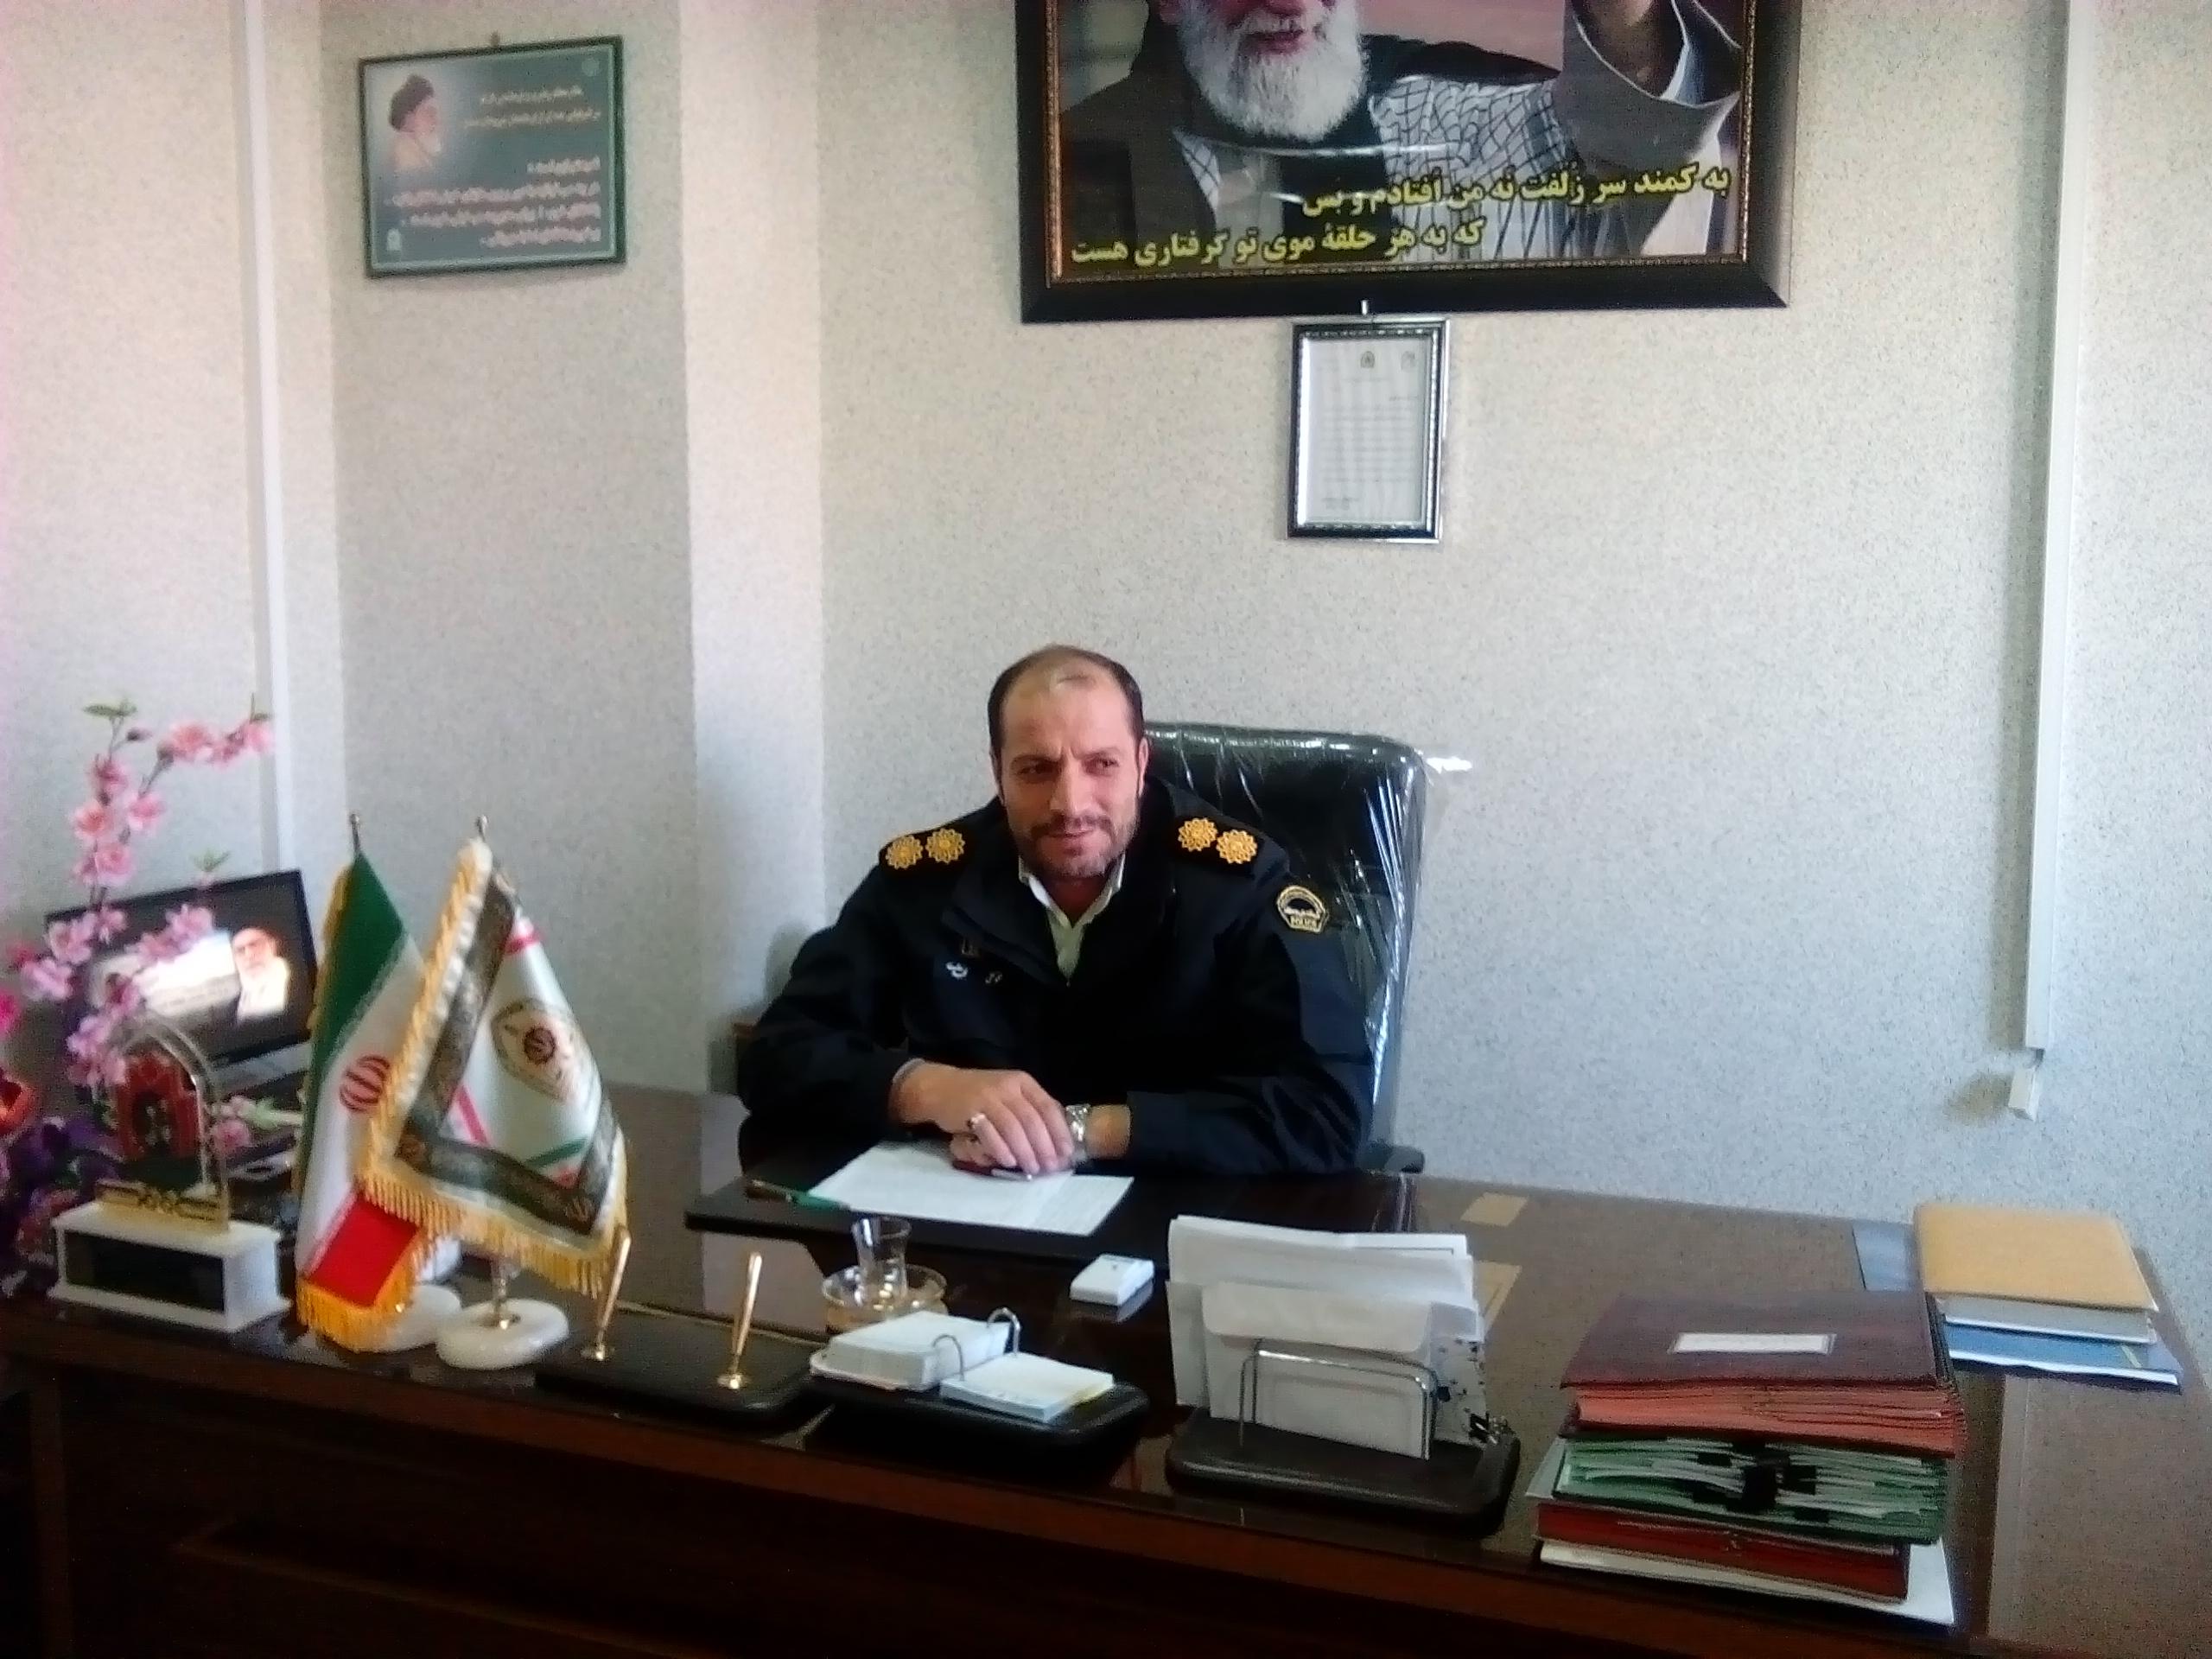 سرهنگ محمد علی محمدی فرمانده انتظامی کبود راهنگ